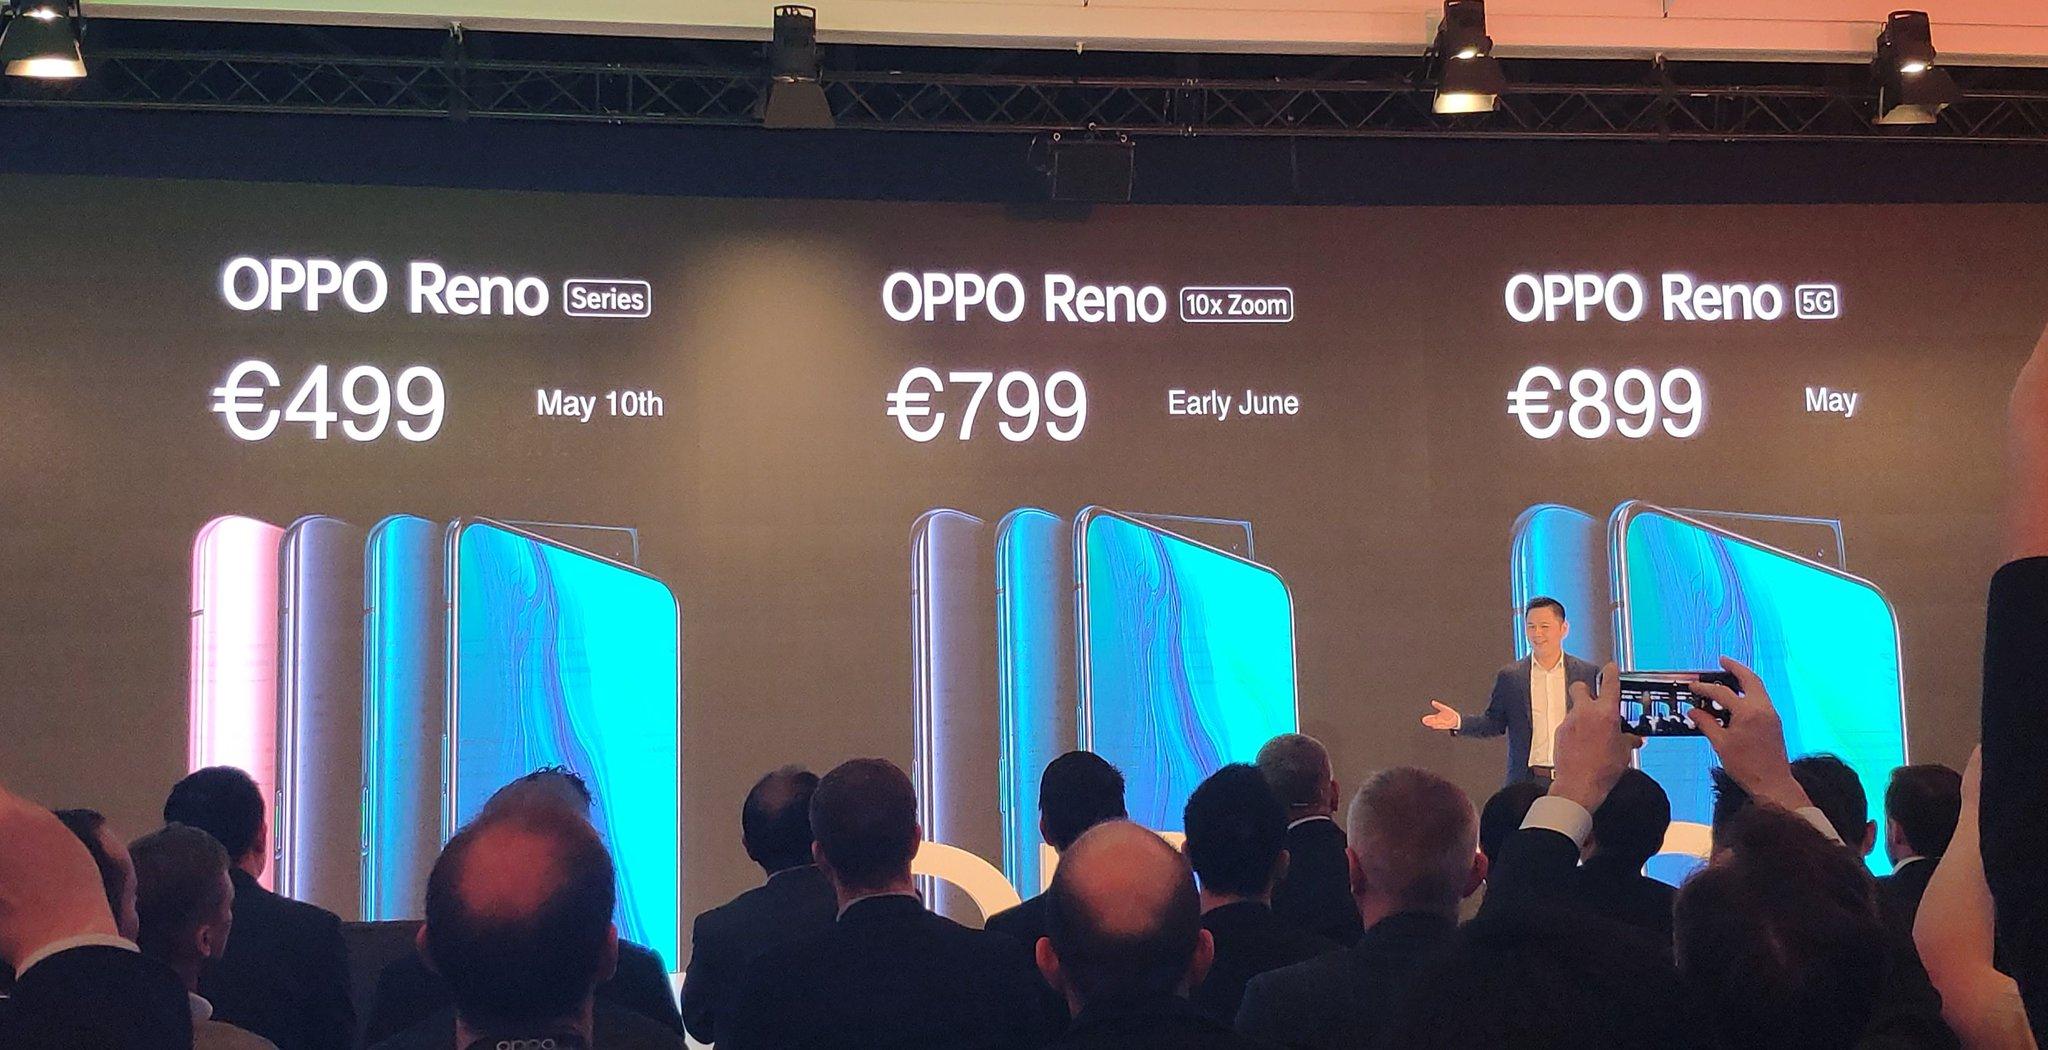 OPPO Reno price